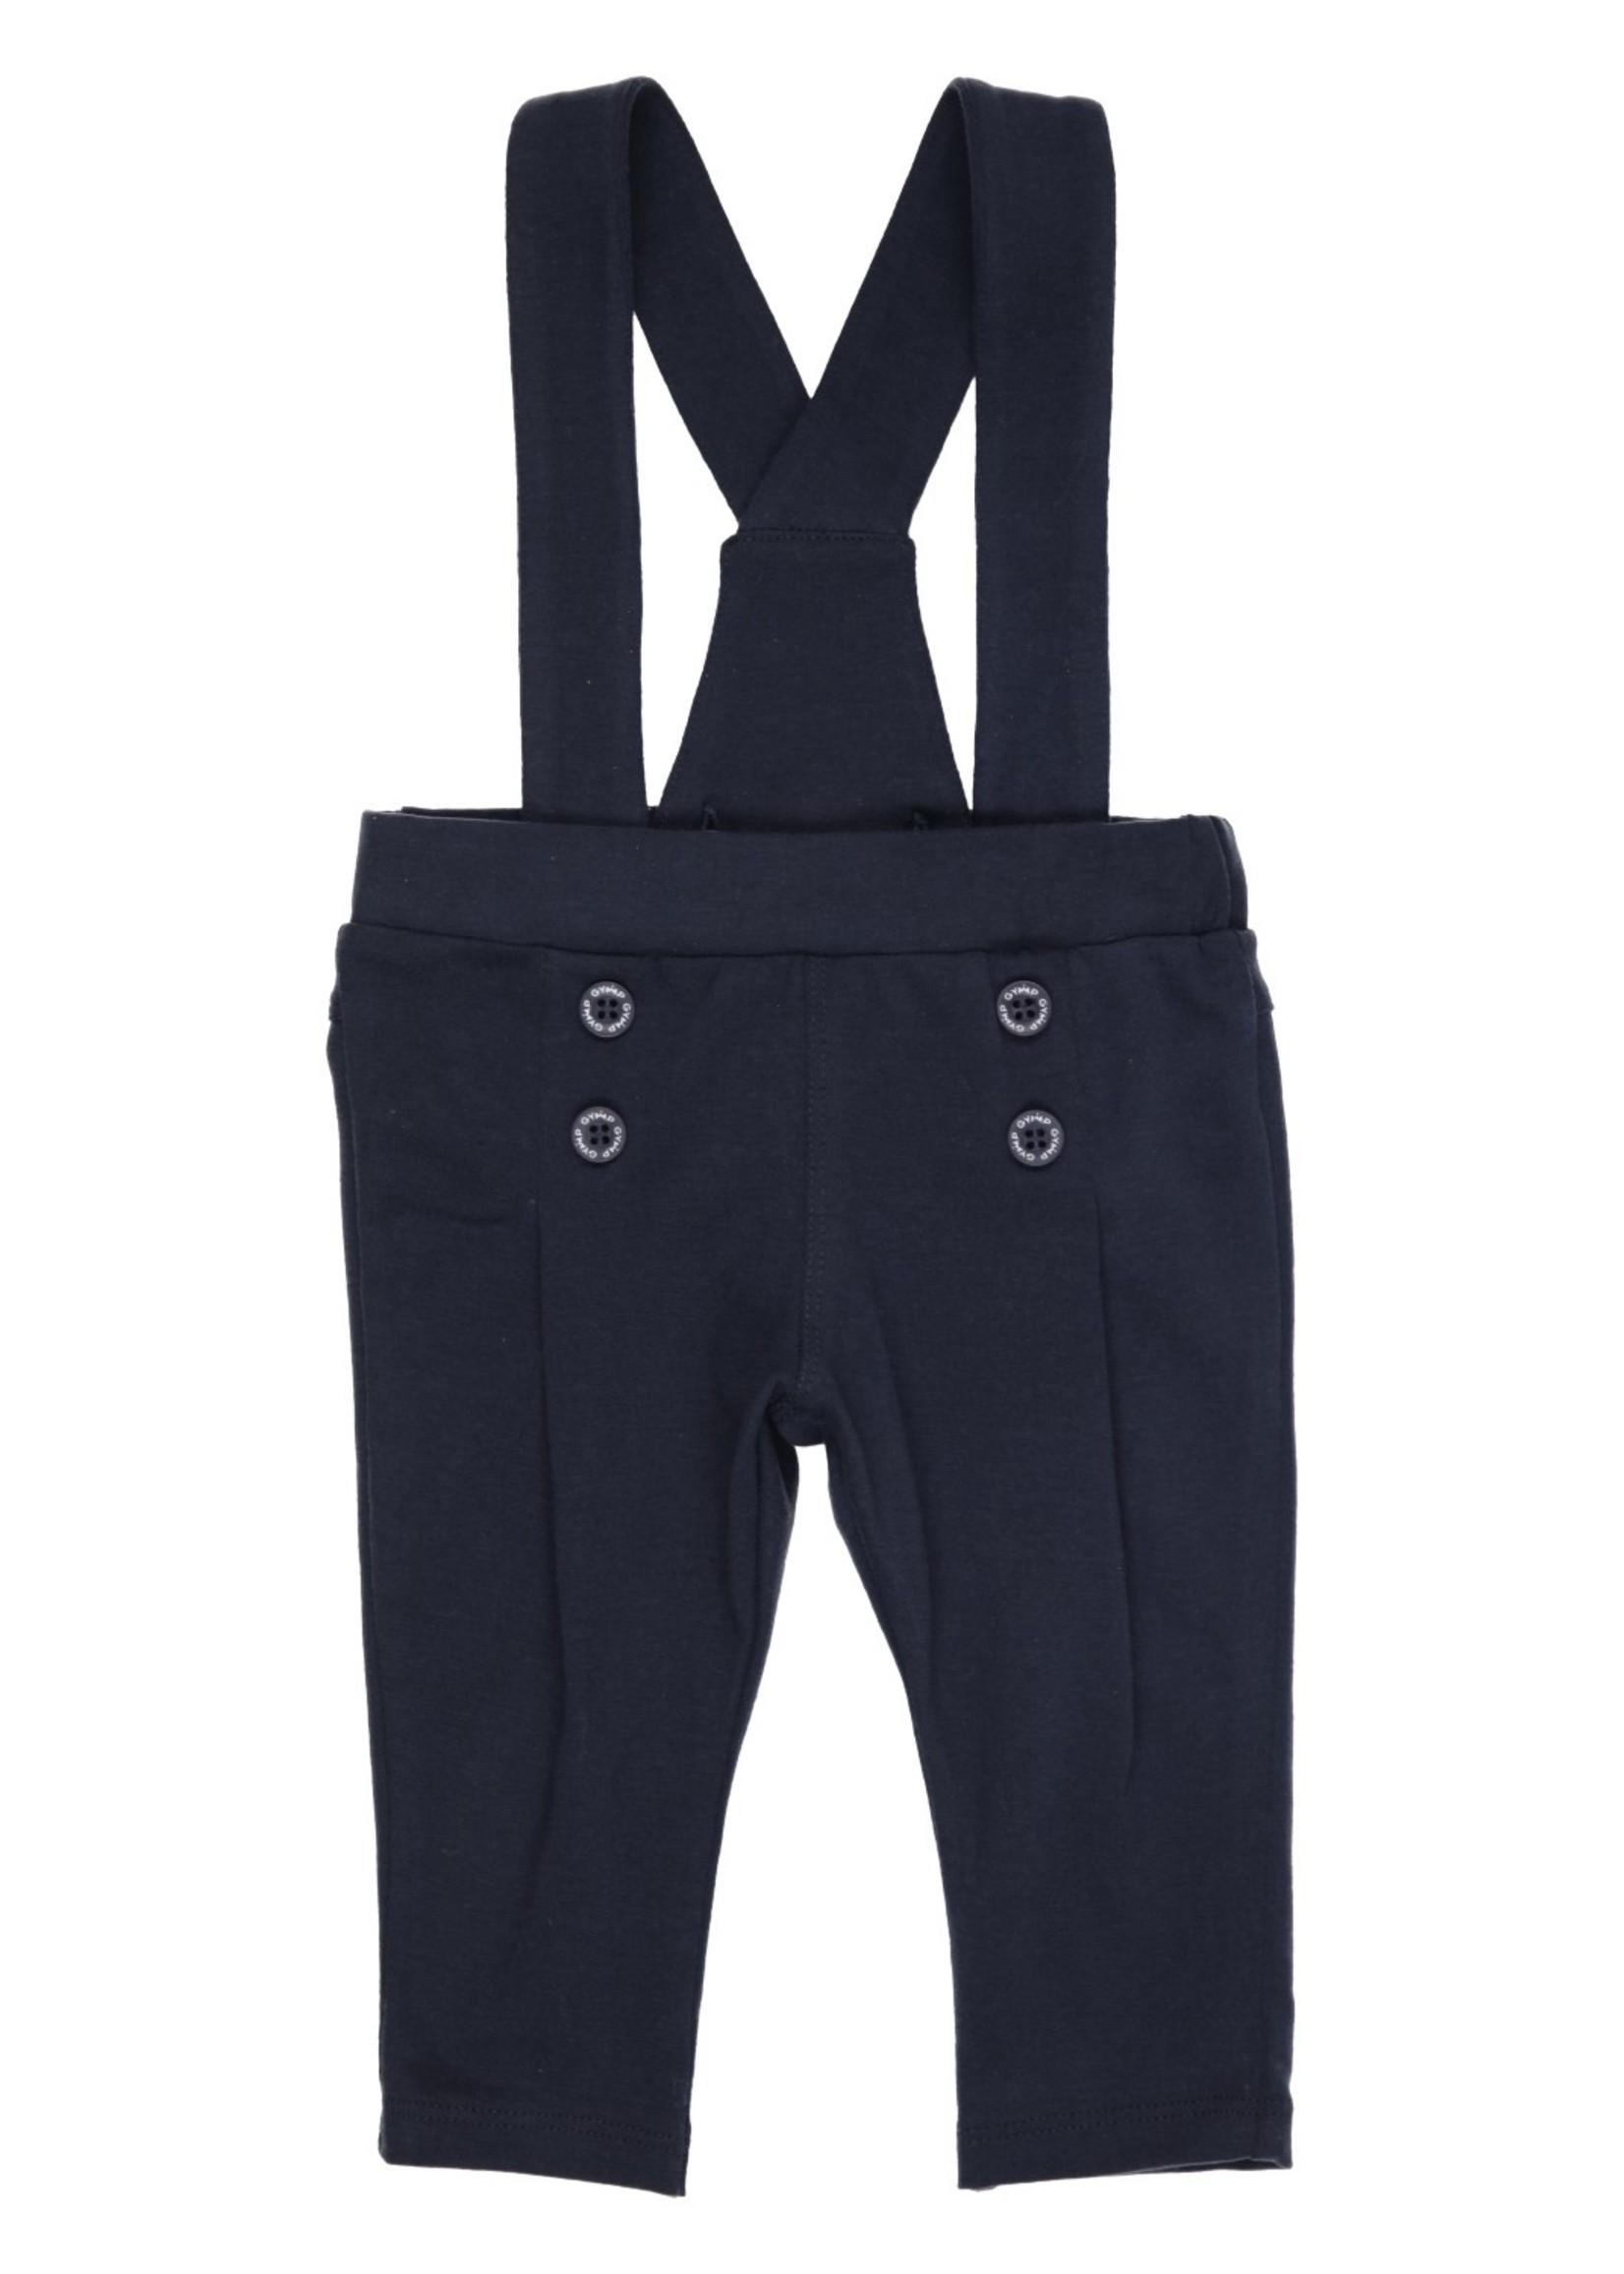 Gymp Gymp pants suspenders marine